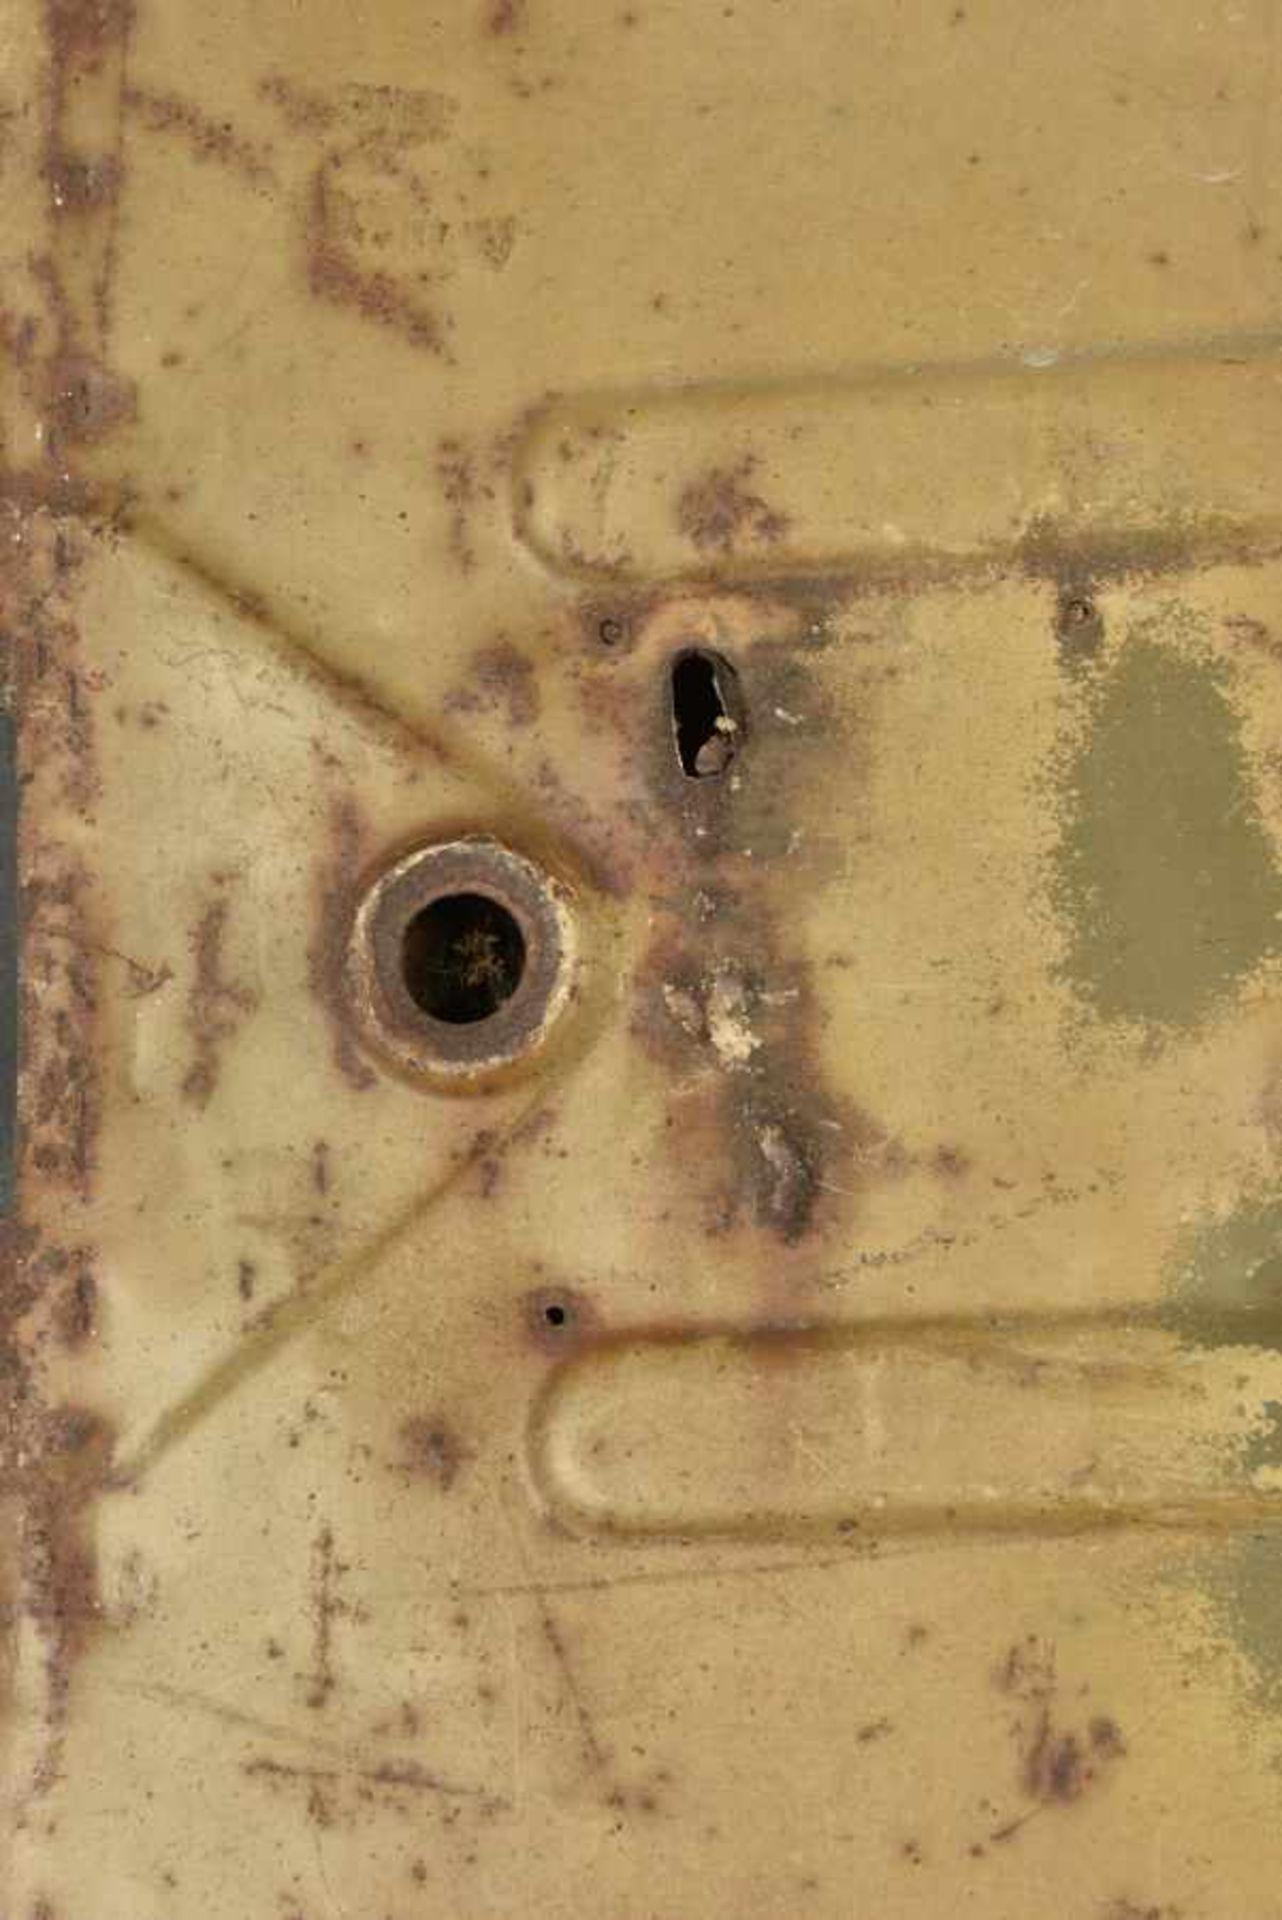 Portière de Kubelwagen camouflé avec des impacts, provenant de Bayeux. Camouflaged Kubelwagen door - Bild 2 aus 4